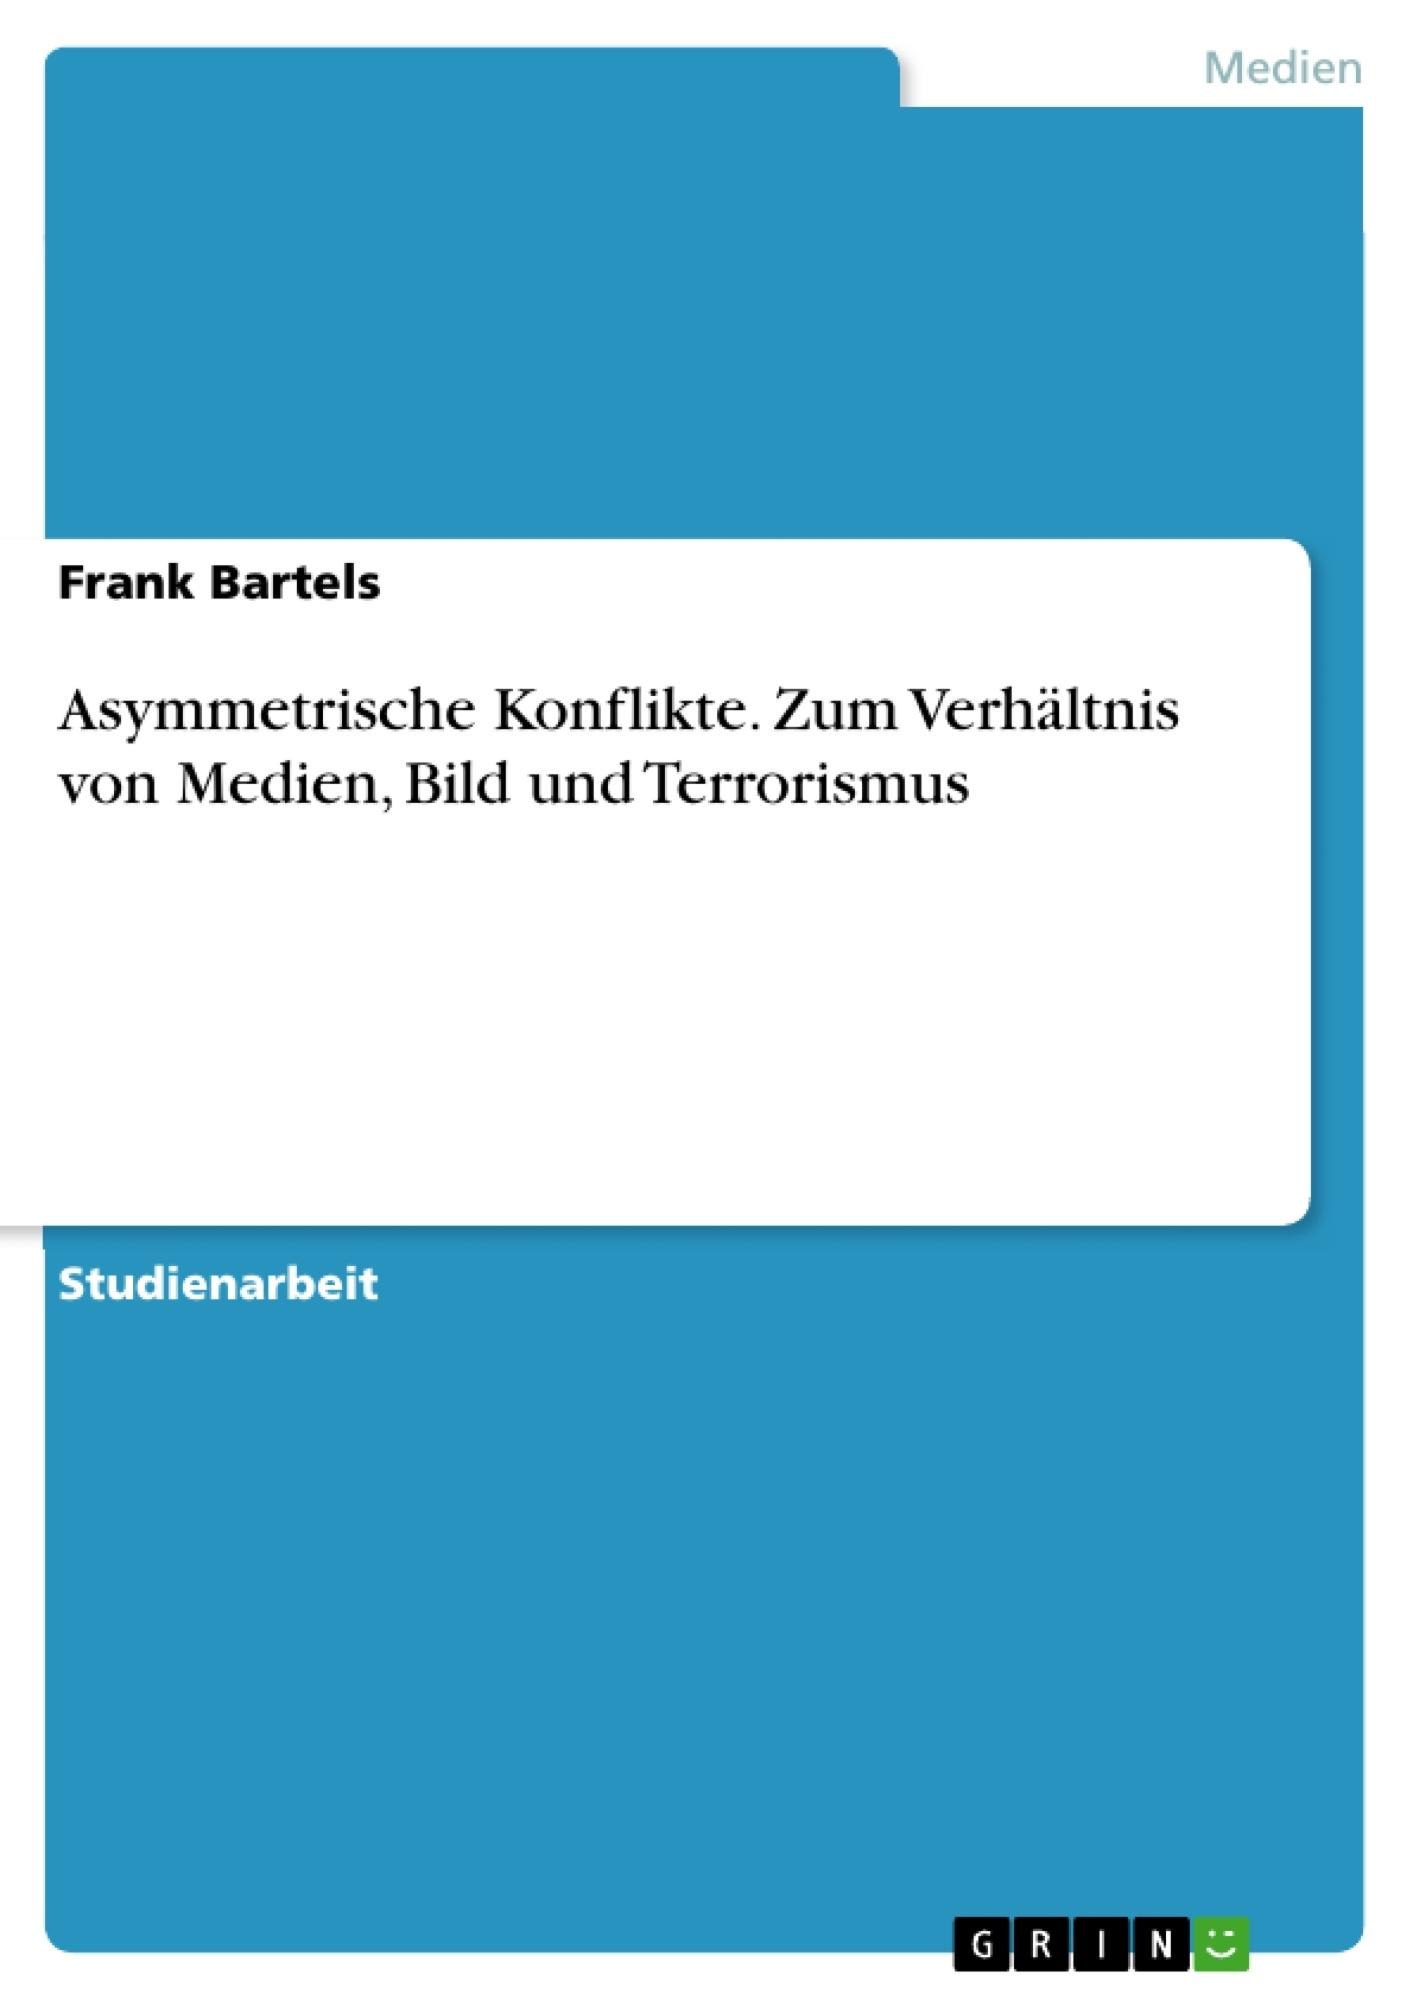 Titel: Asymmetrische Konflikte. Zum Verhältnis von Medien, Bild und Terrorismus